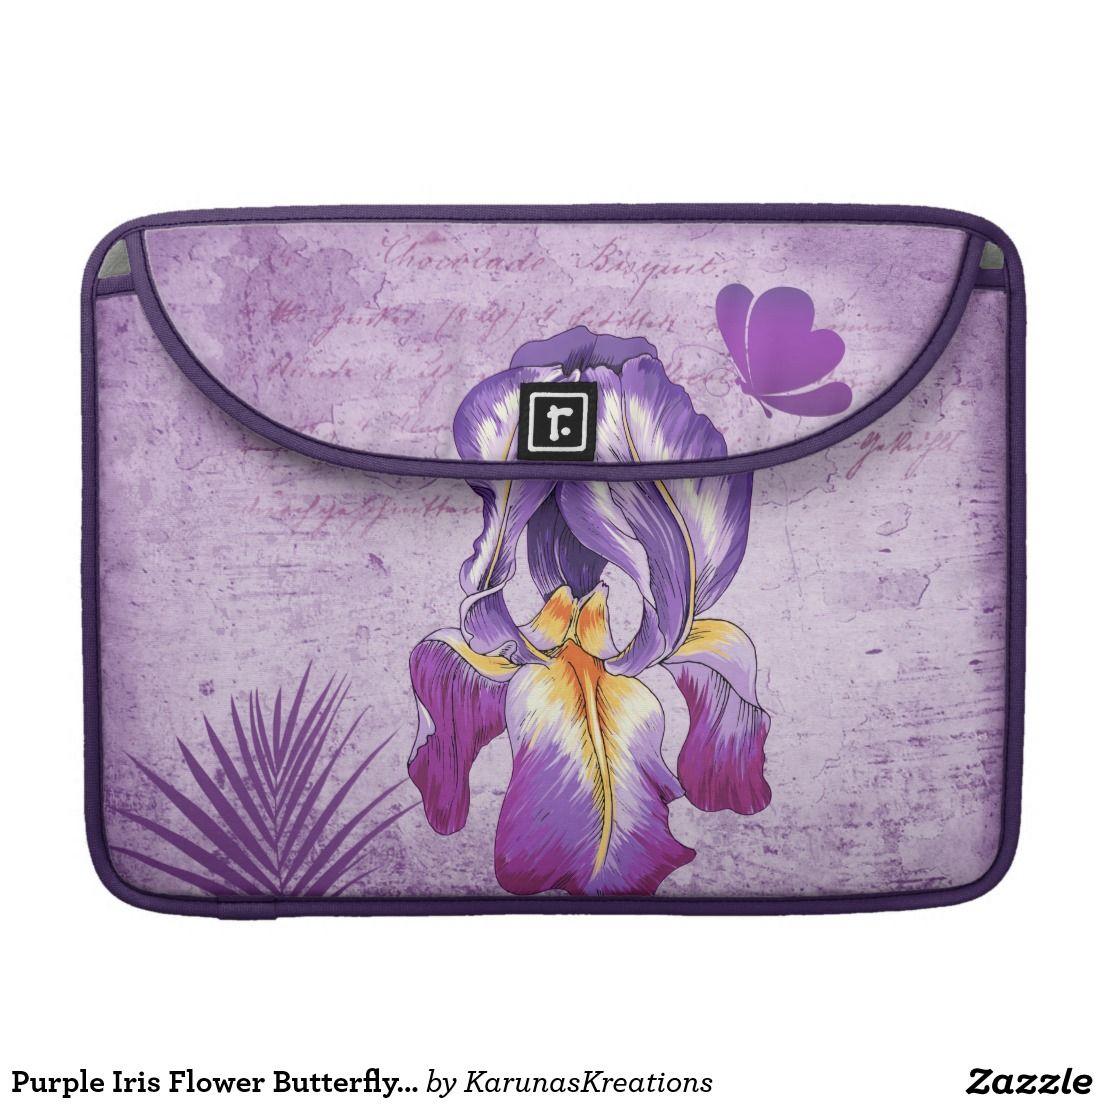 Purple iris flower butterfly macbook pro sleeve the best tech shop purple iris flower butterfly macbook pro sleeve created by karunaskreations izmirmasajfo